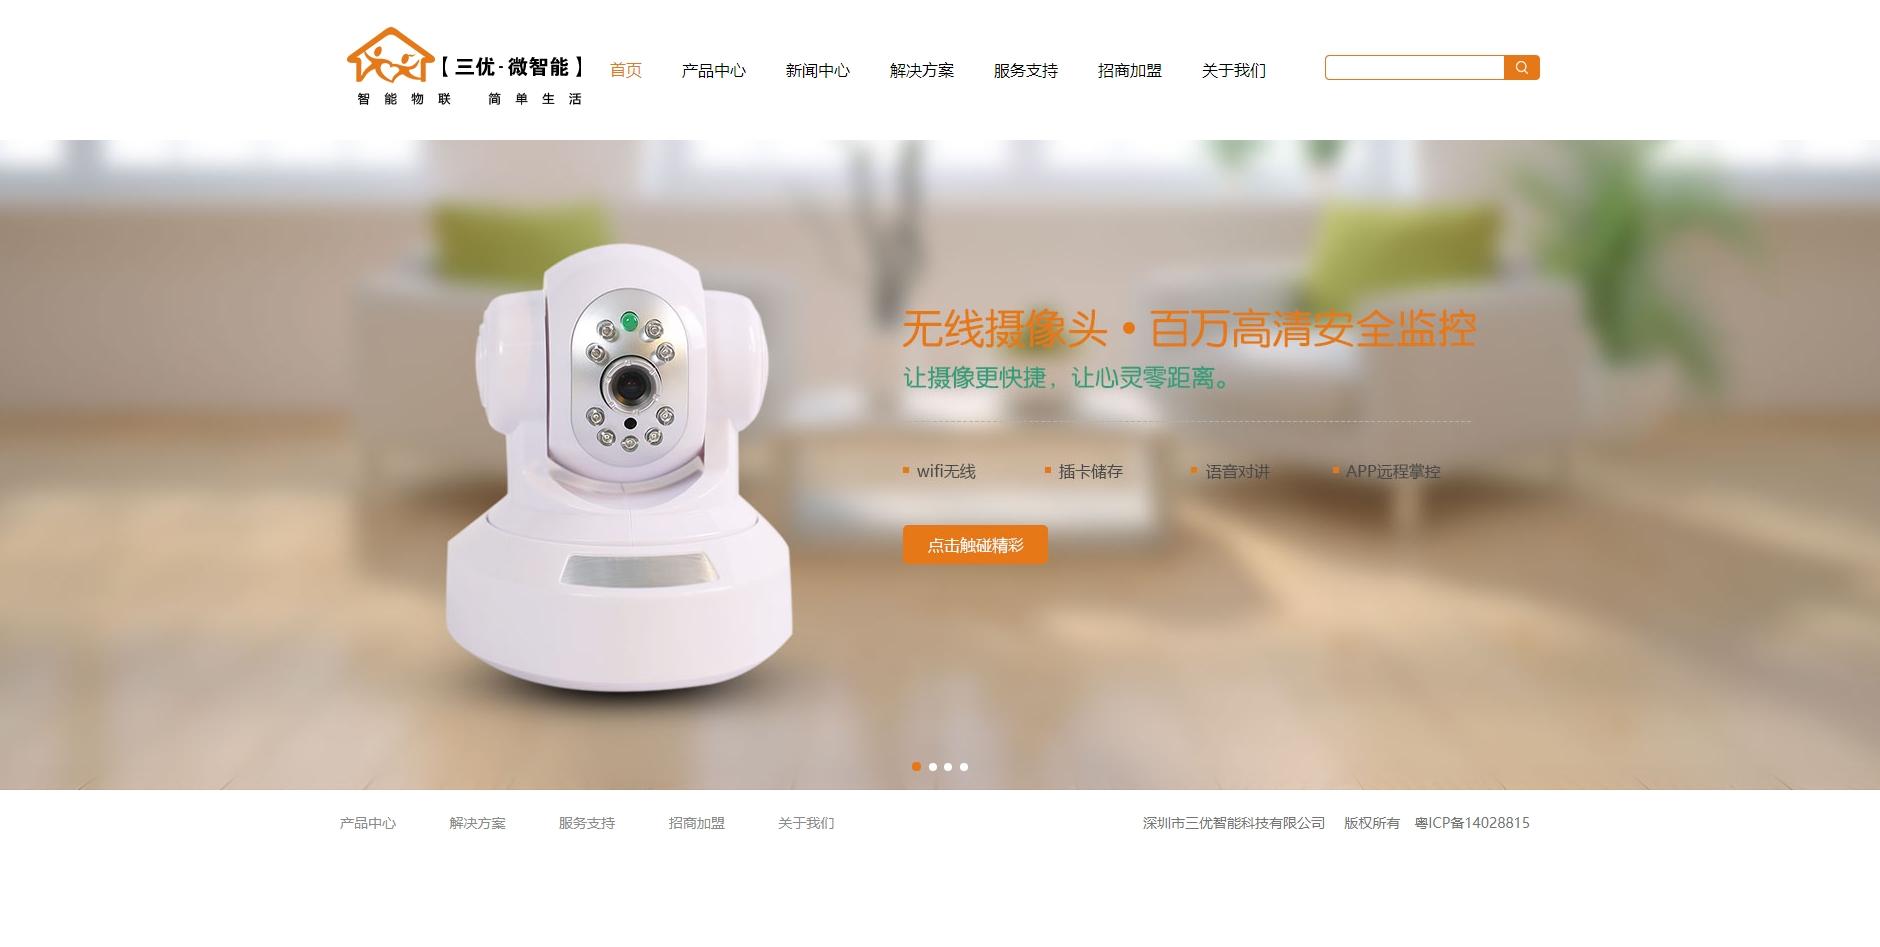 简洁大气的摄像头企业网站静态html模板下载